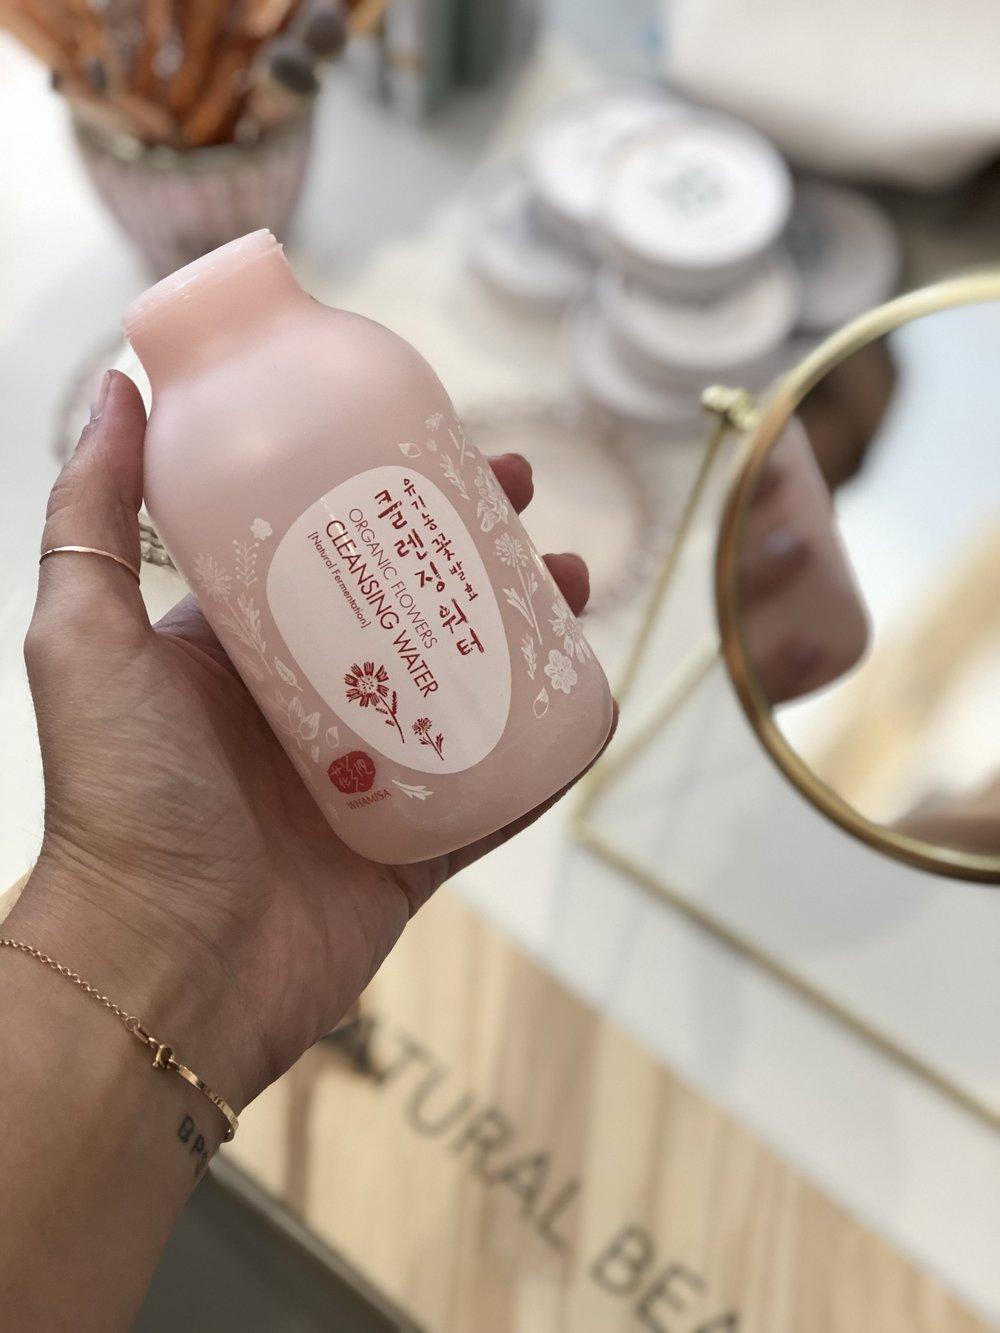 Cleansing water da Whamisa, marca koreana de cosméticos